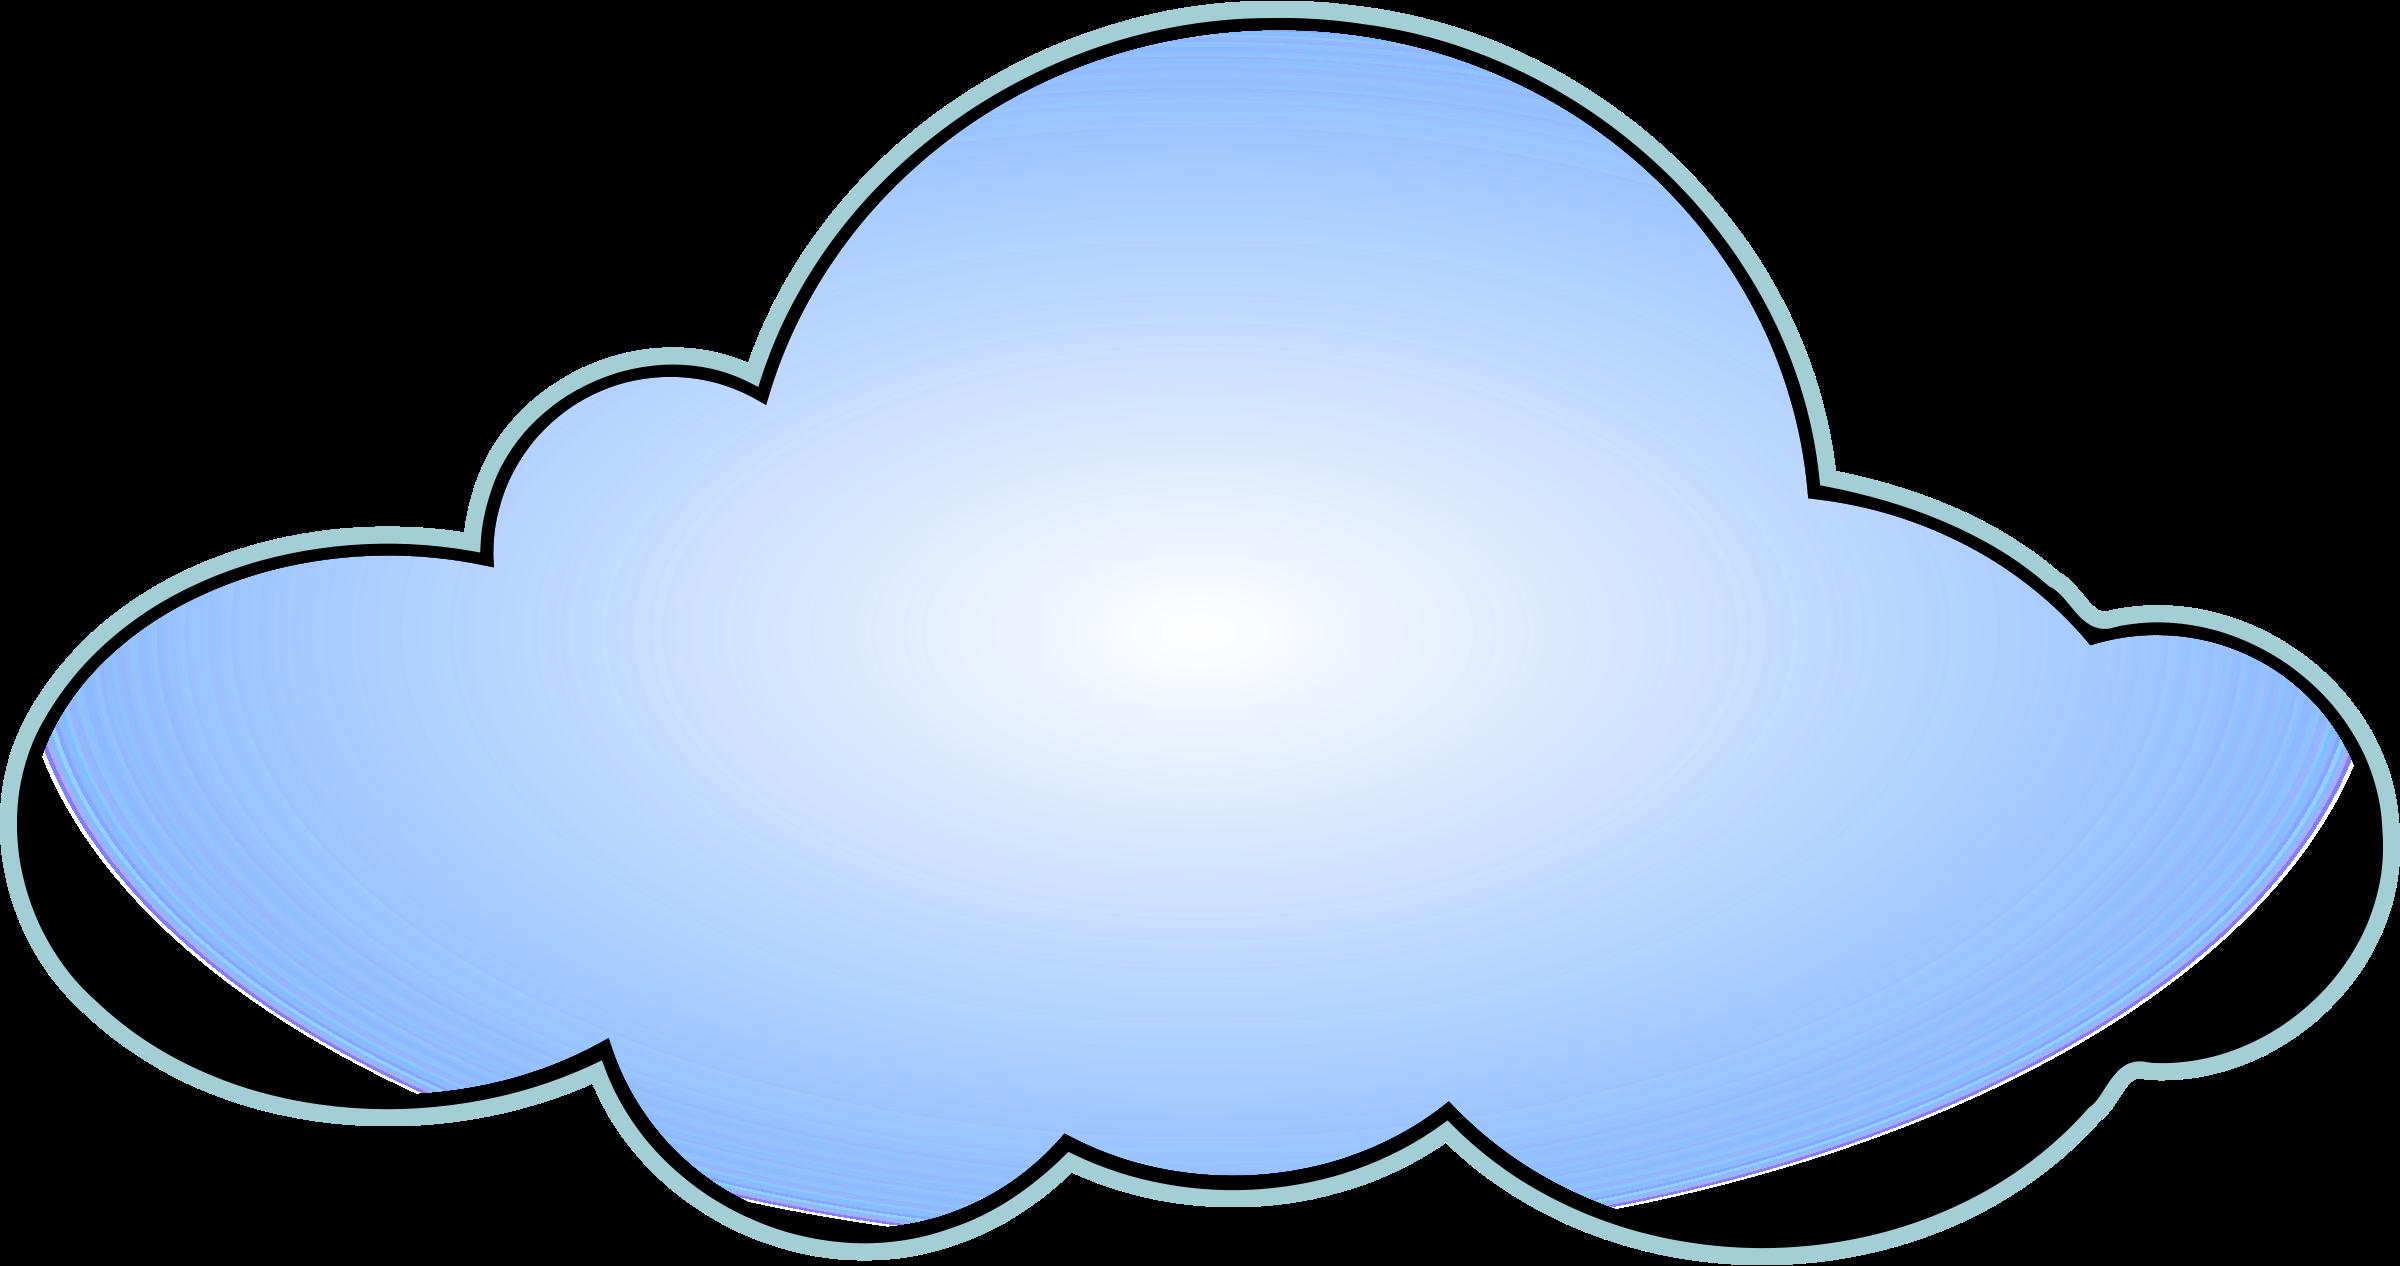 Cloud Clipart & Cloud Clip Art Images.